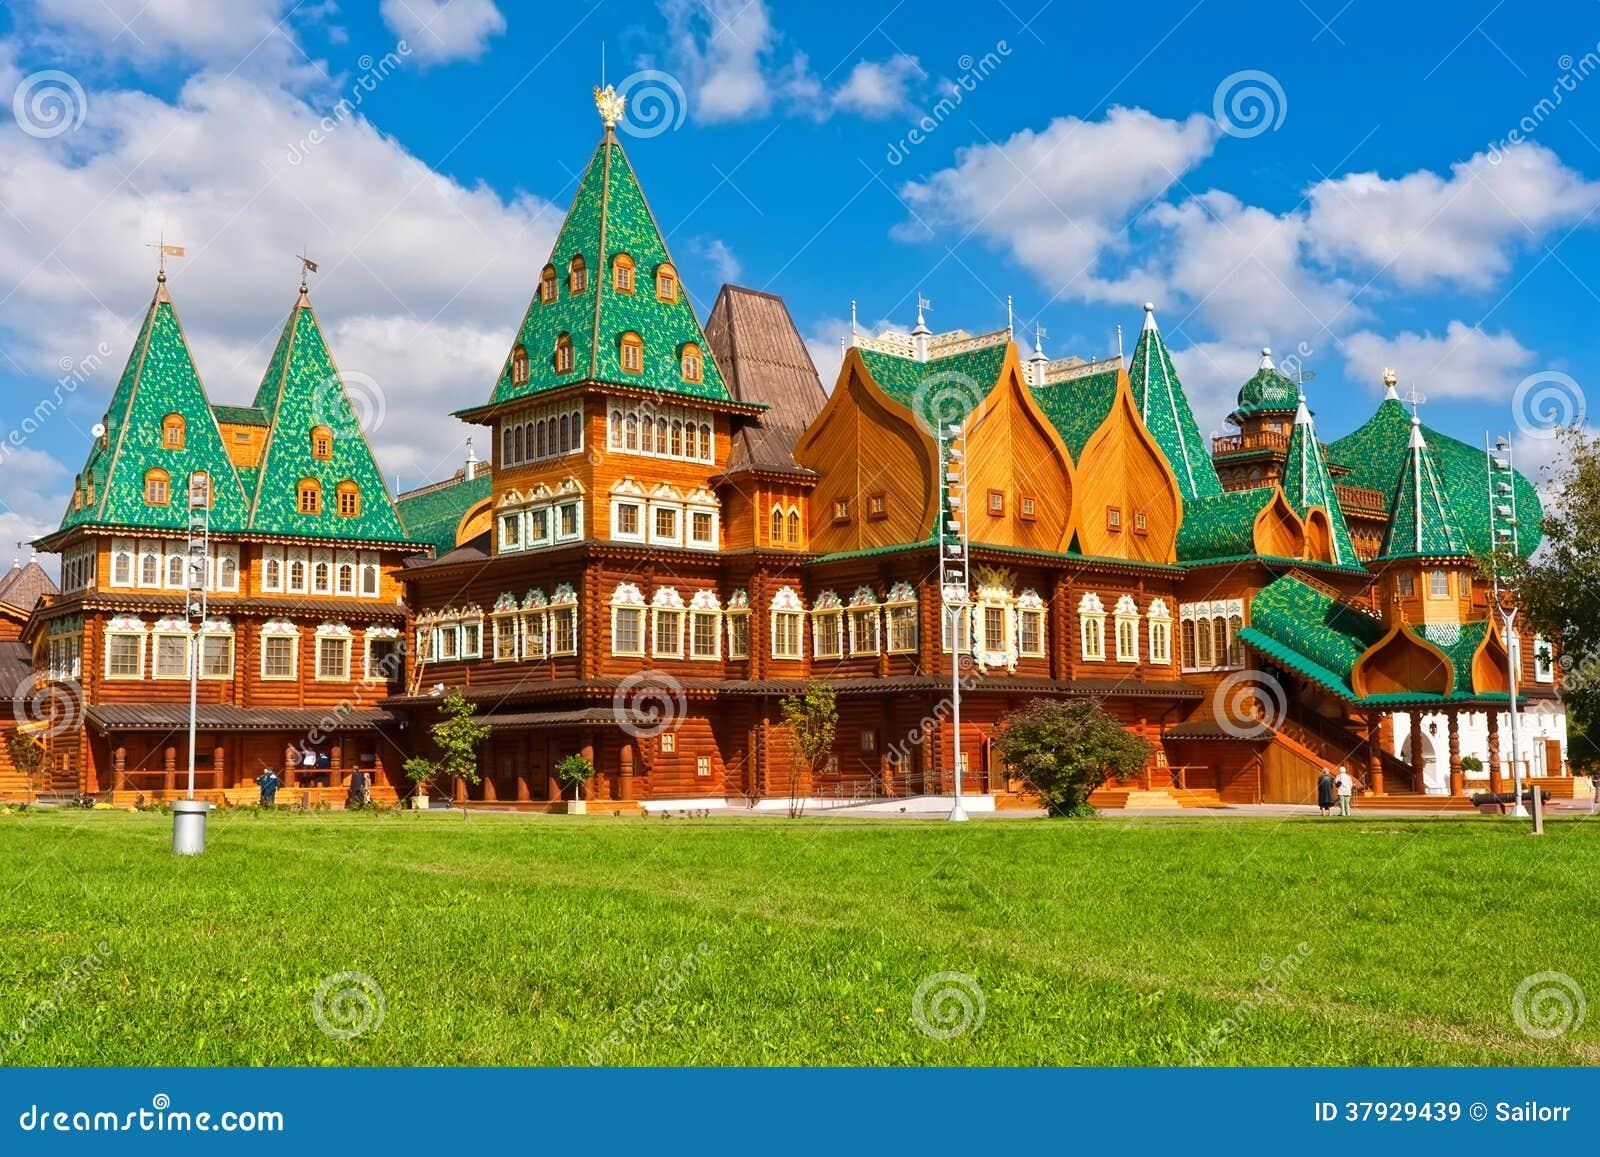 Деревянный дворец в России